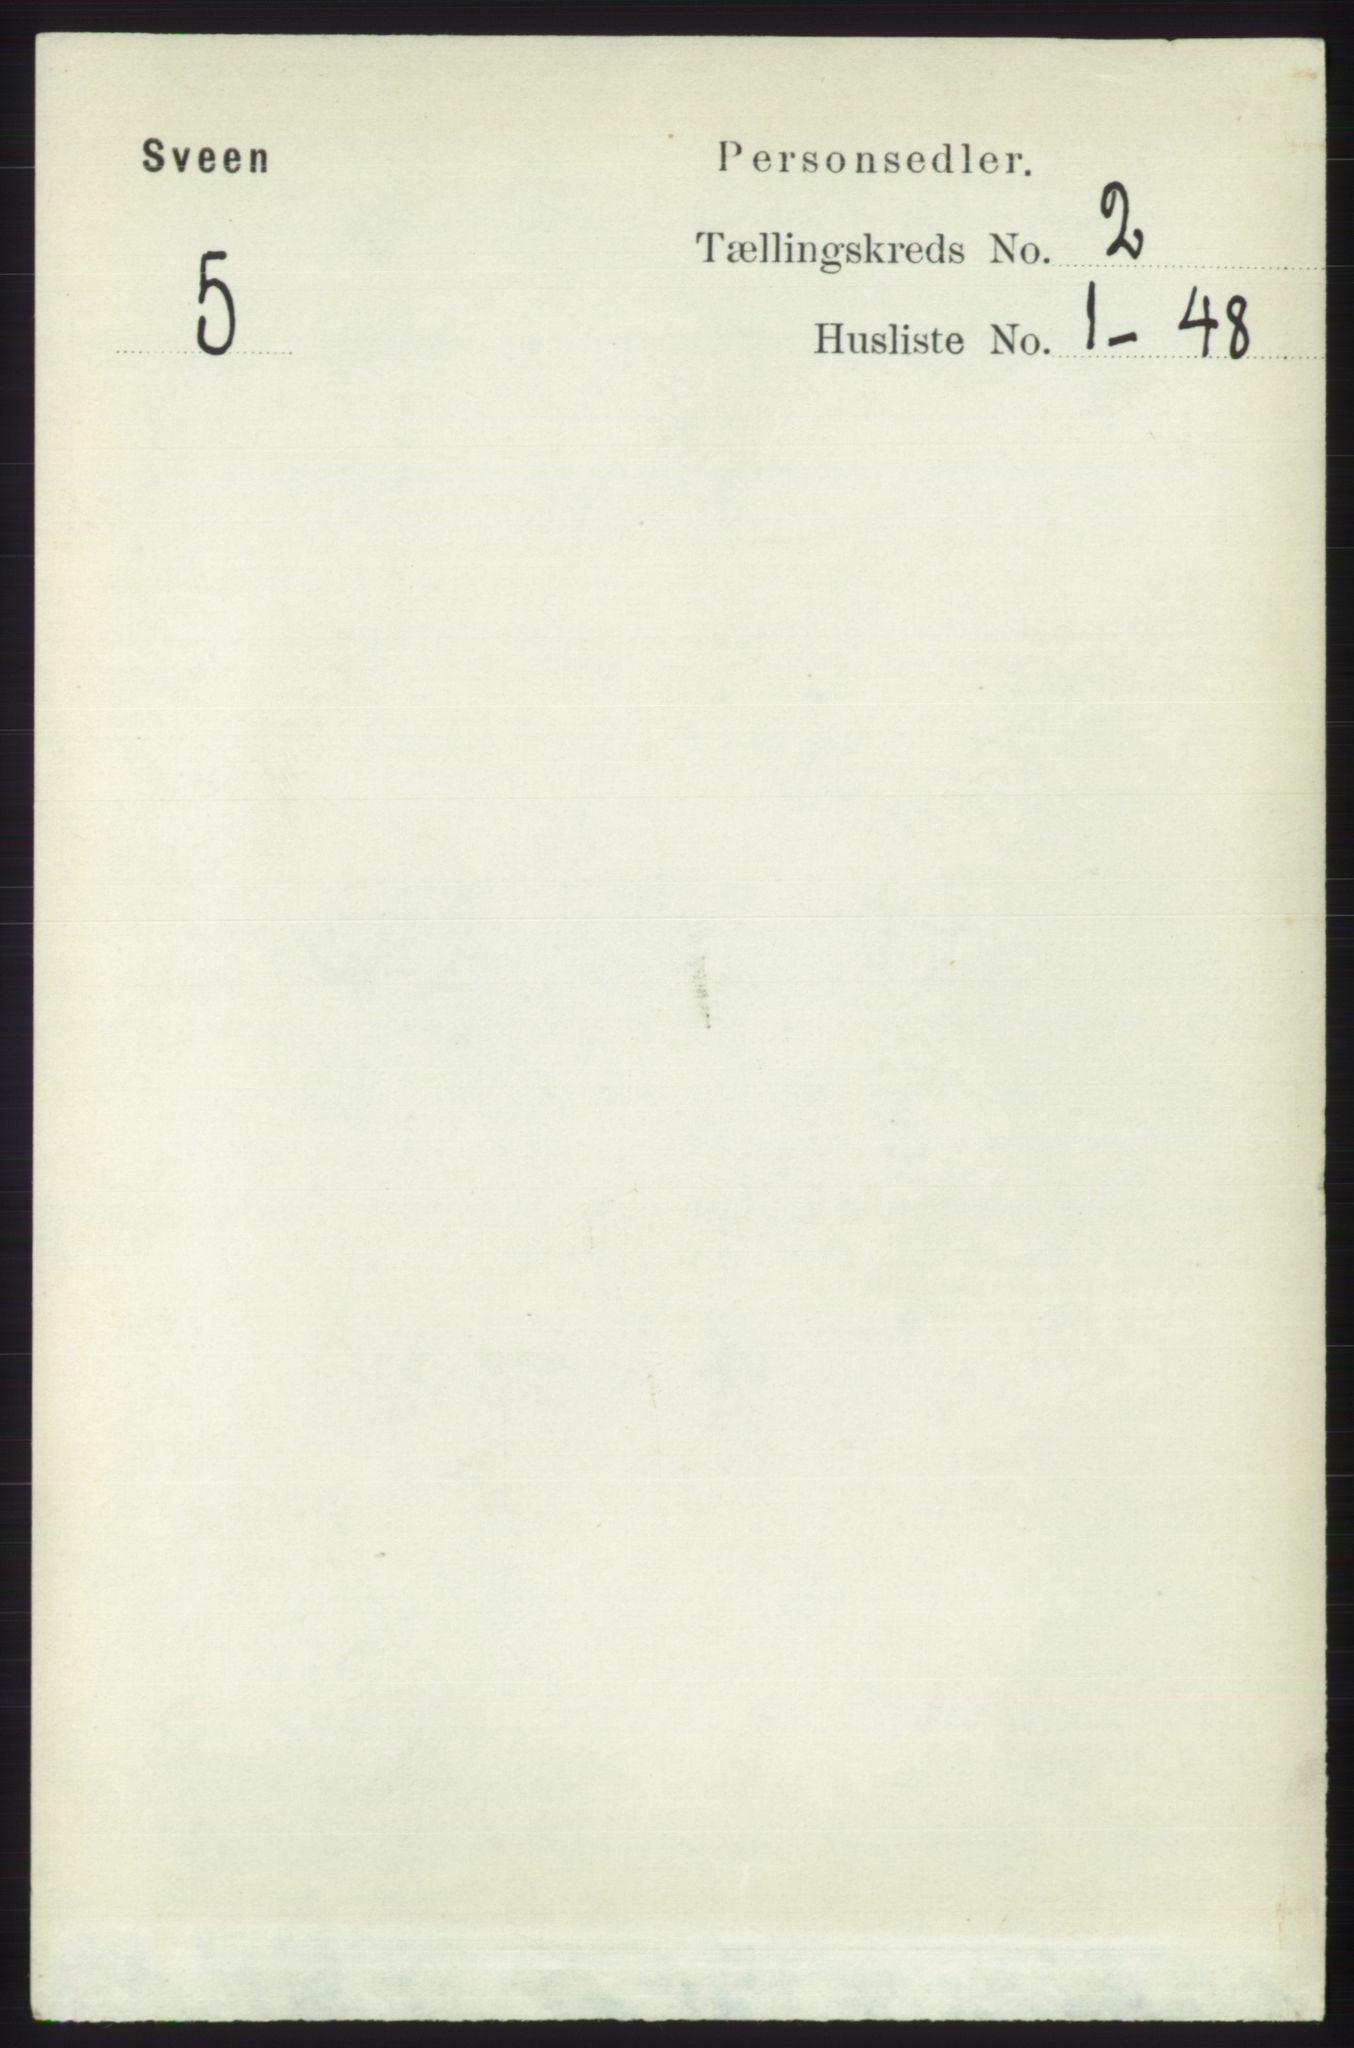 RA, Folketelling 1891 for 1216 Sveio herred, 1891, s. 513